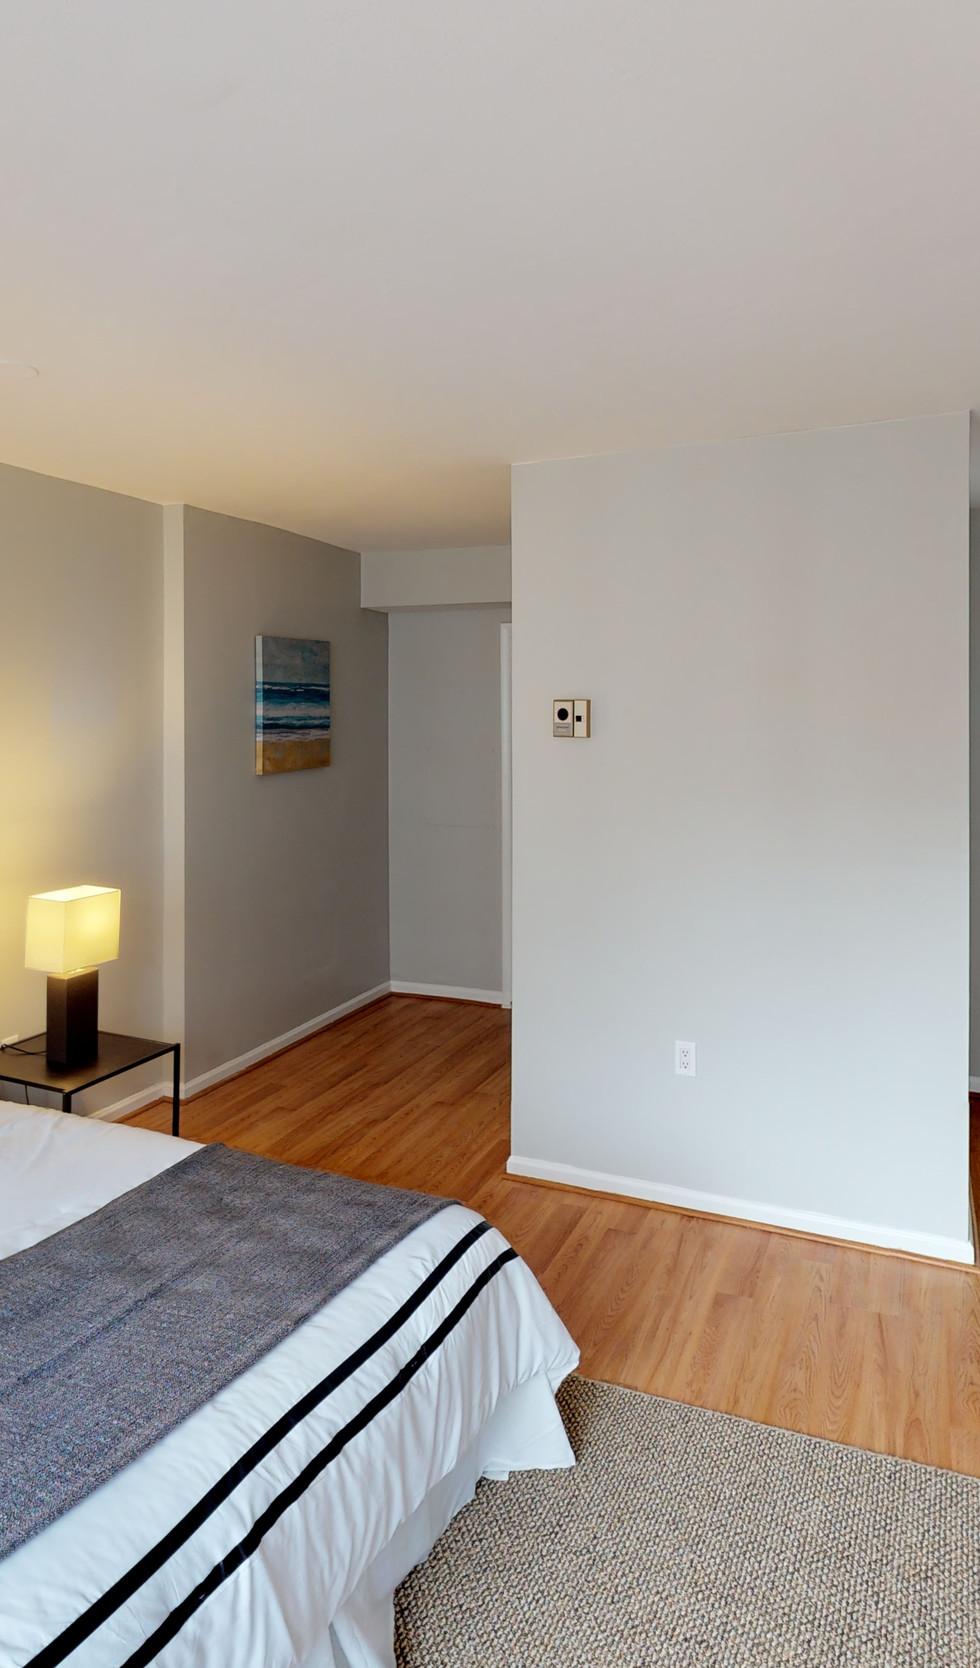 1239-Vermont-Ave-Unit-508-Bedroom(1).jpg